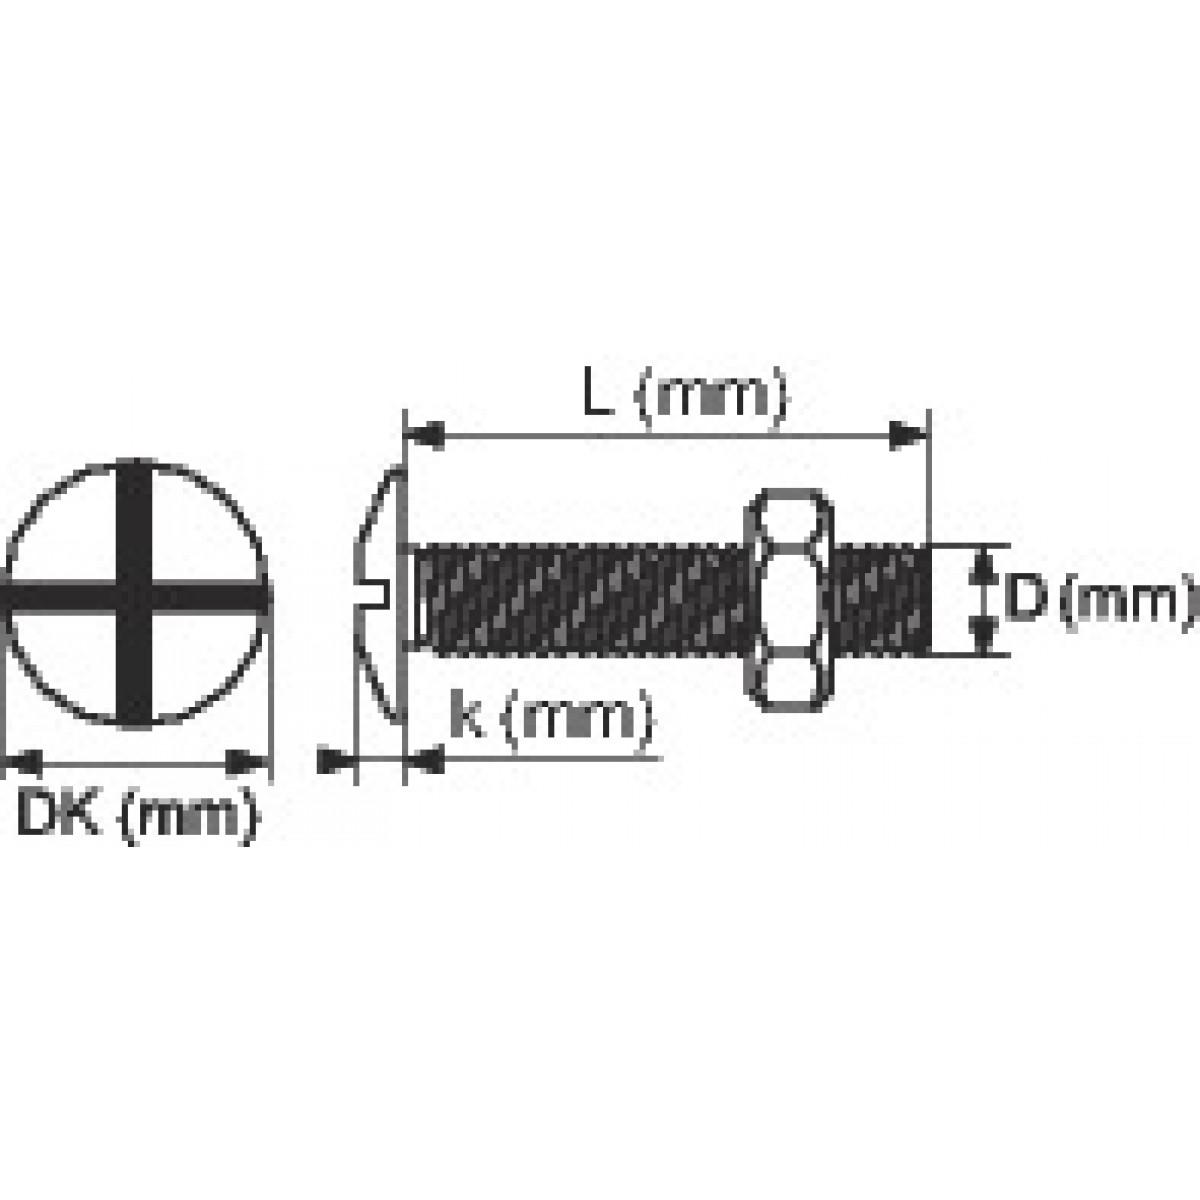 Boulon poêlier zingué - Ø 6 mm - 60 mm - Filetage total - Boîte de 100 - Viswood